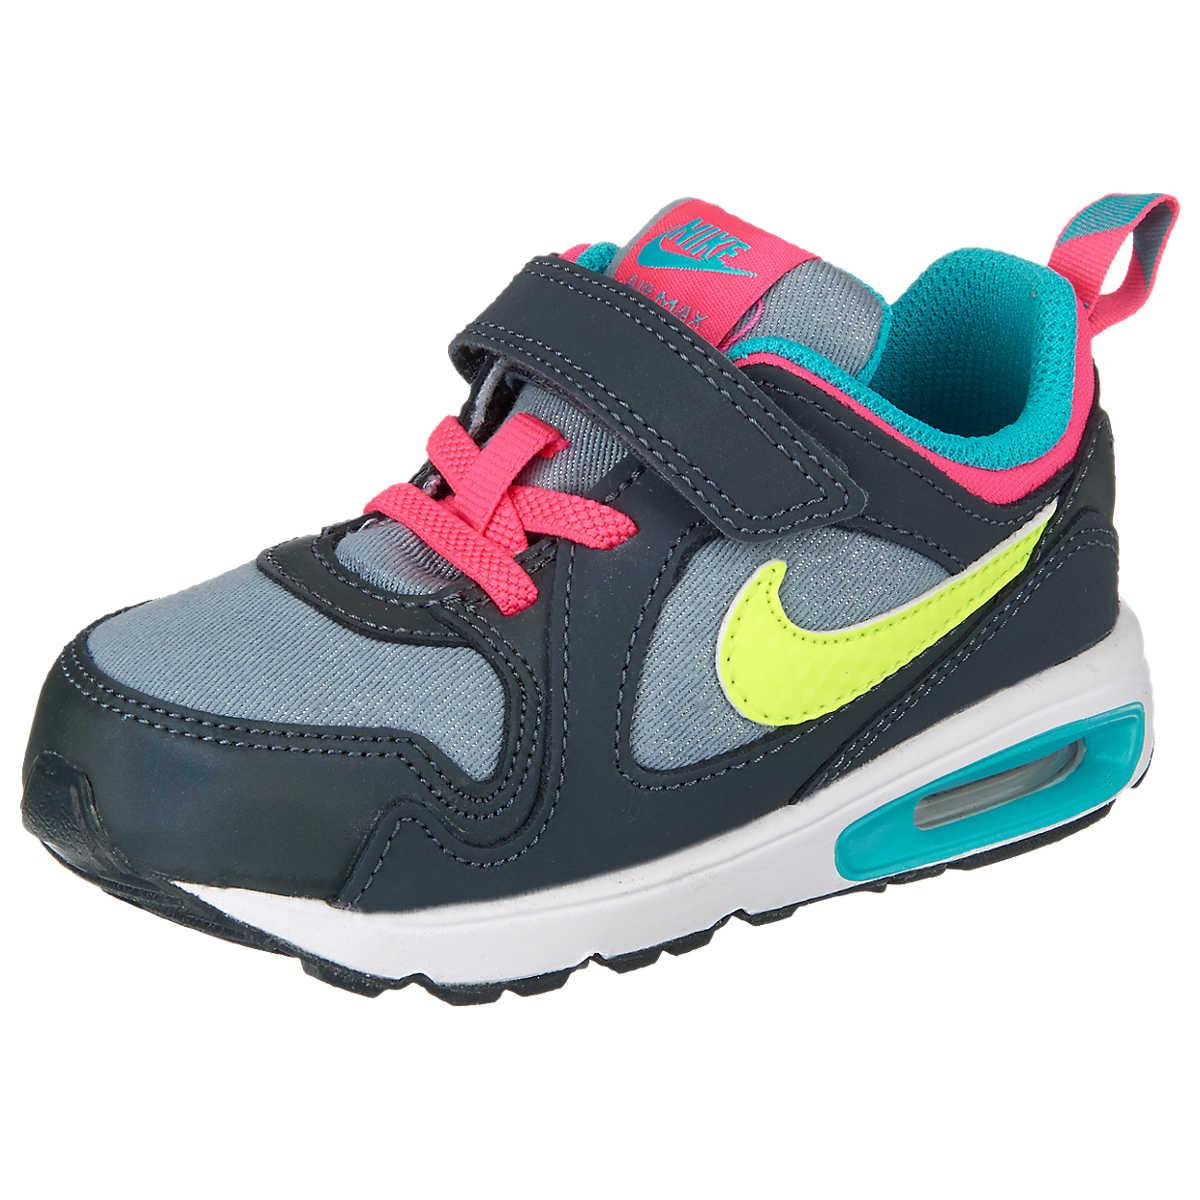 NIKE Air Max Trax Sneaker für Kinder grau Mädchen